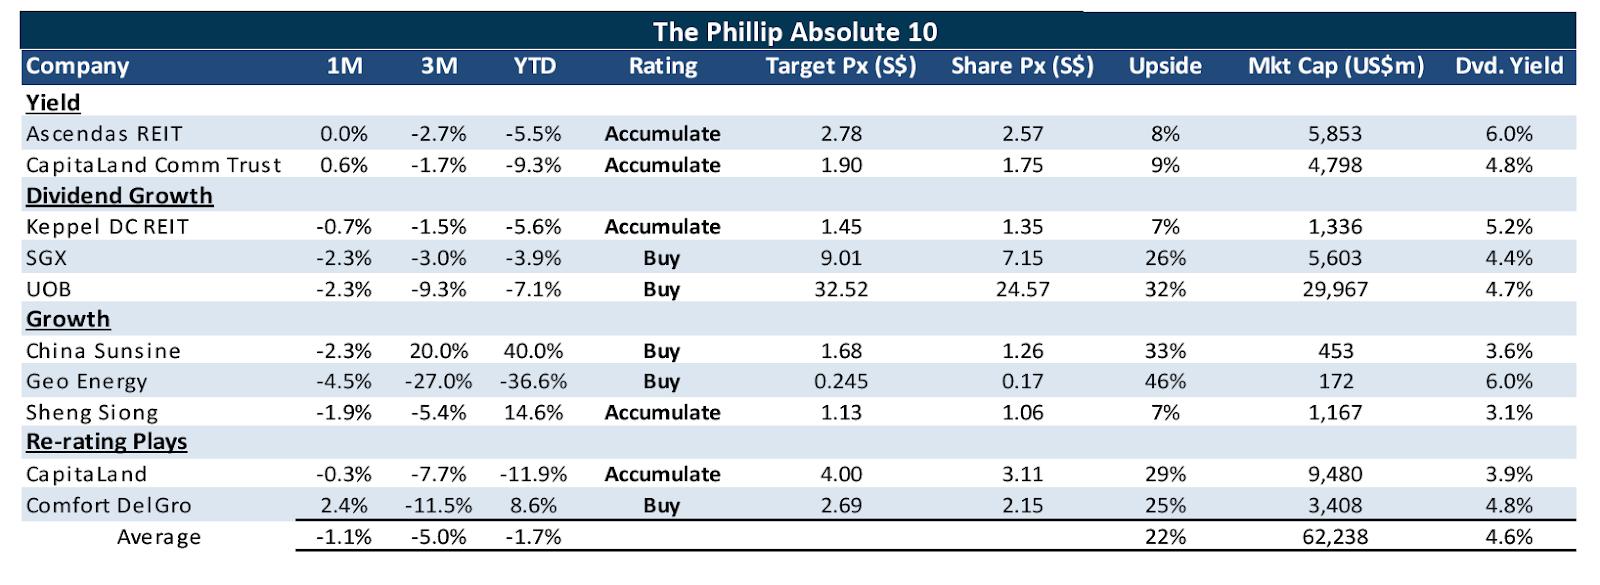 2019 The Phillip Absolute 10 | SGinvestors.io